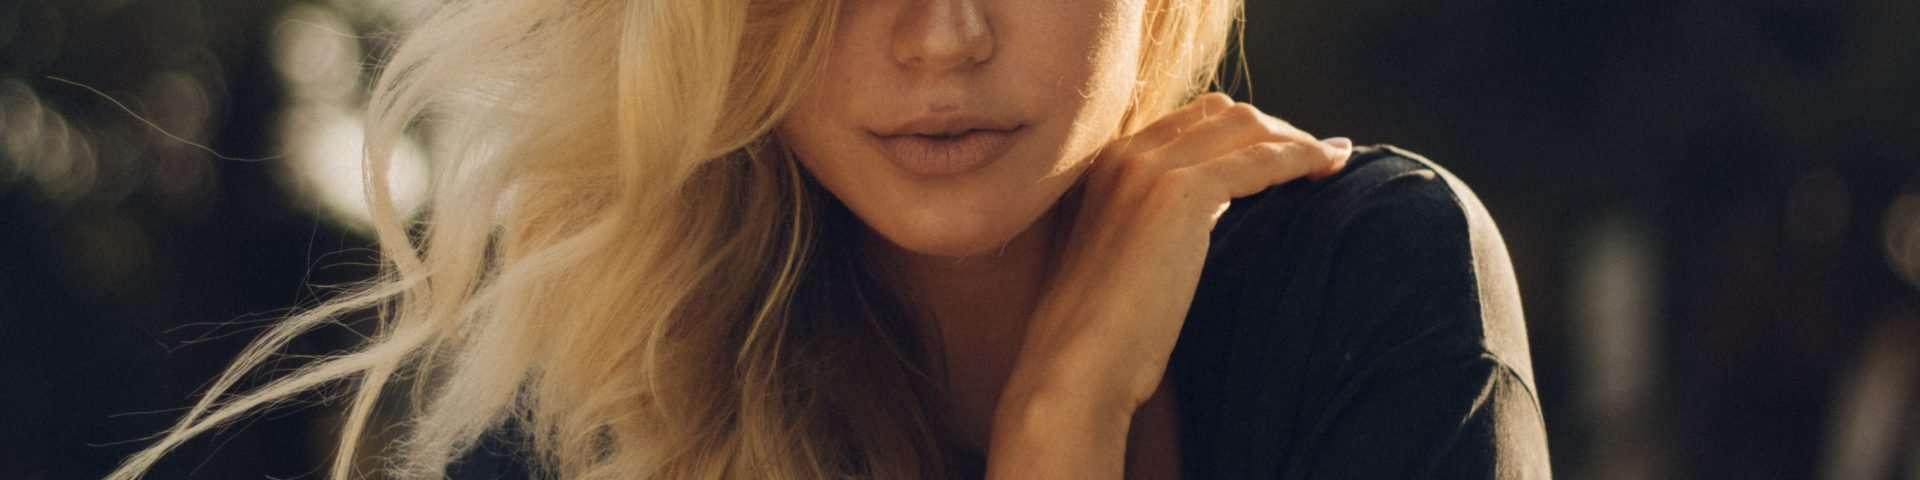 5 Gründe, warum schöne Frauen ein schlechtes Liebesleben haben